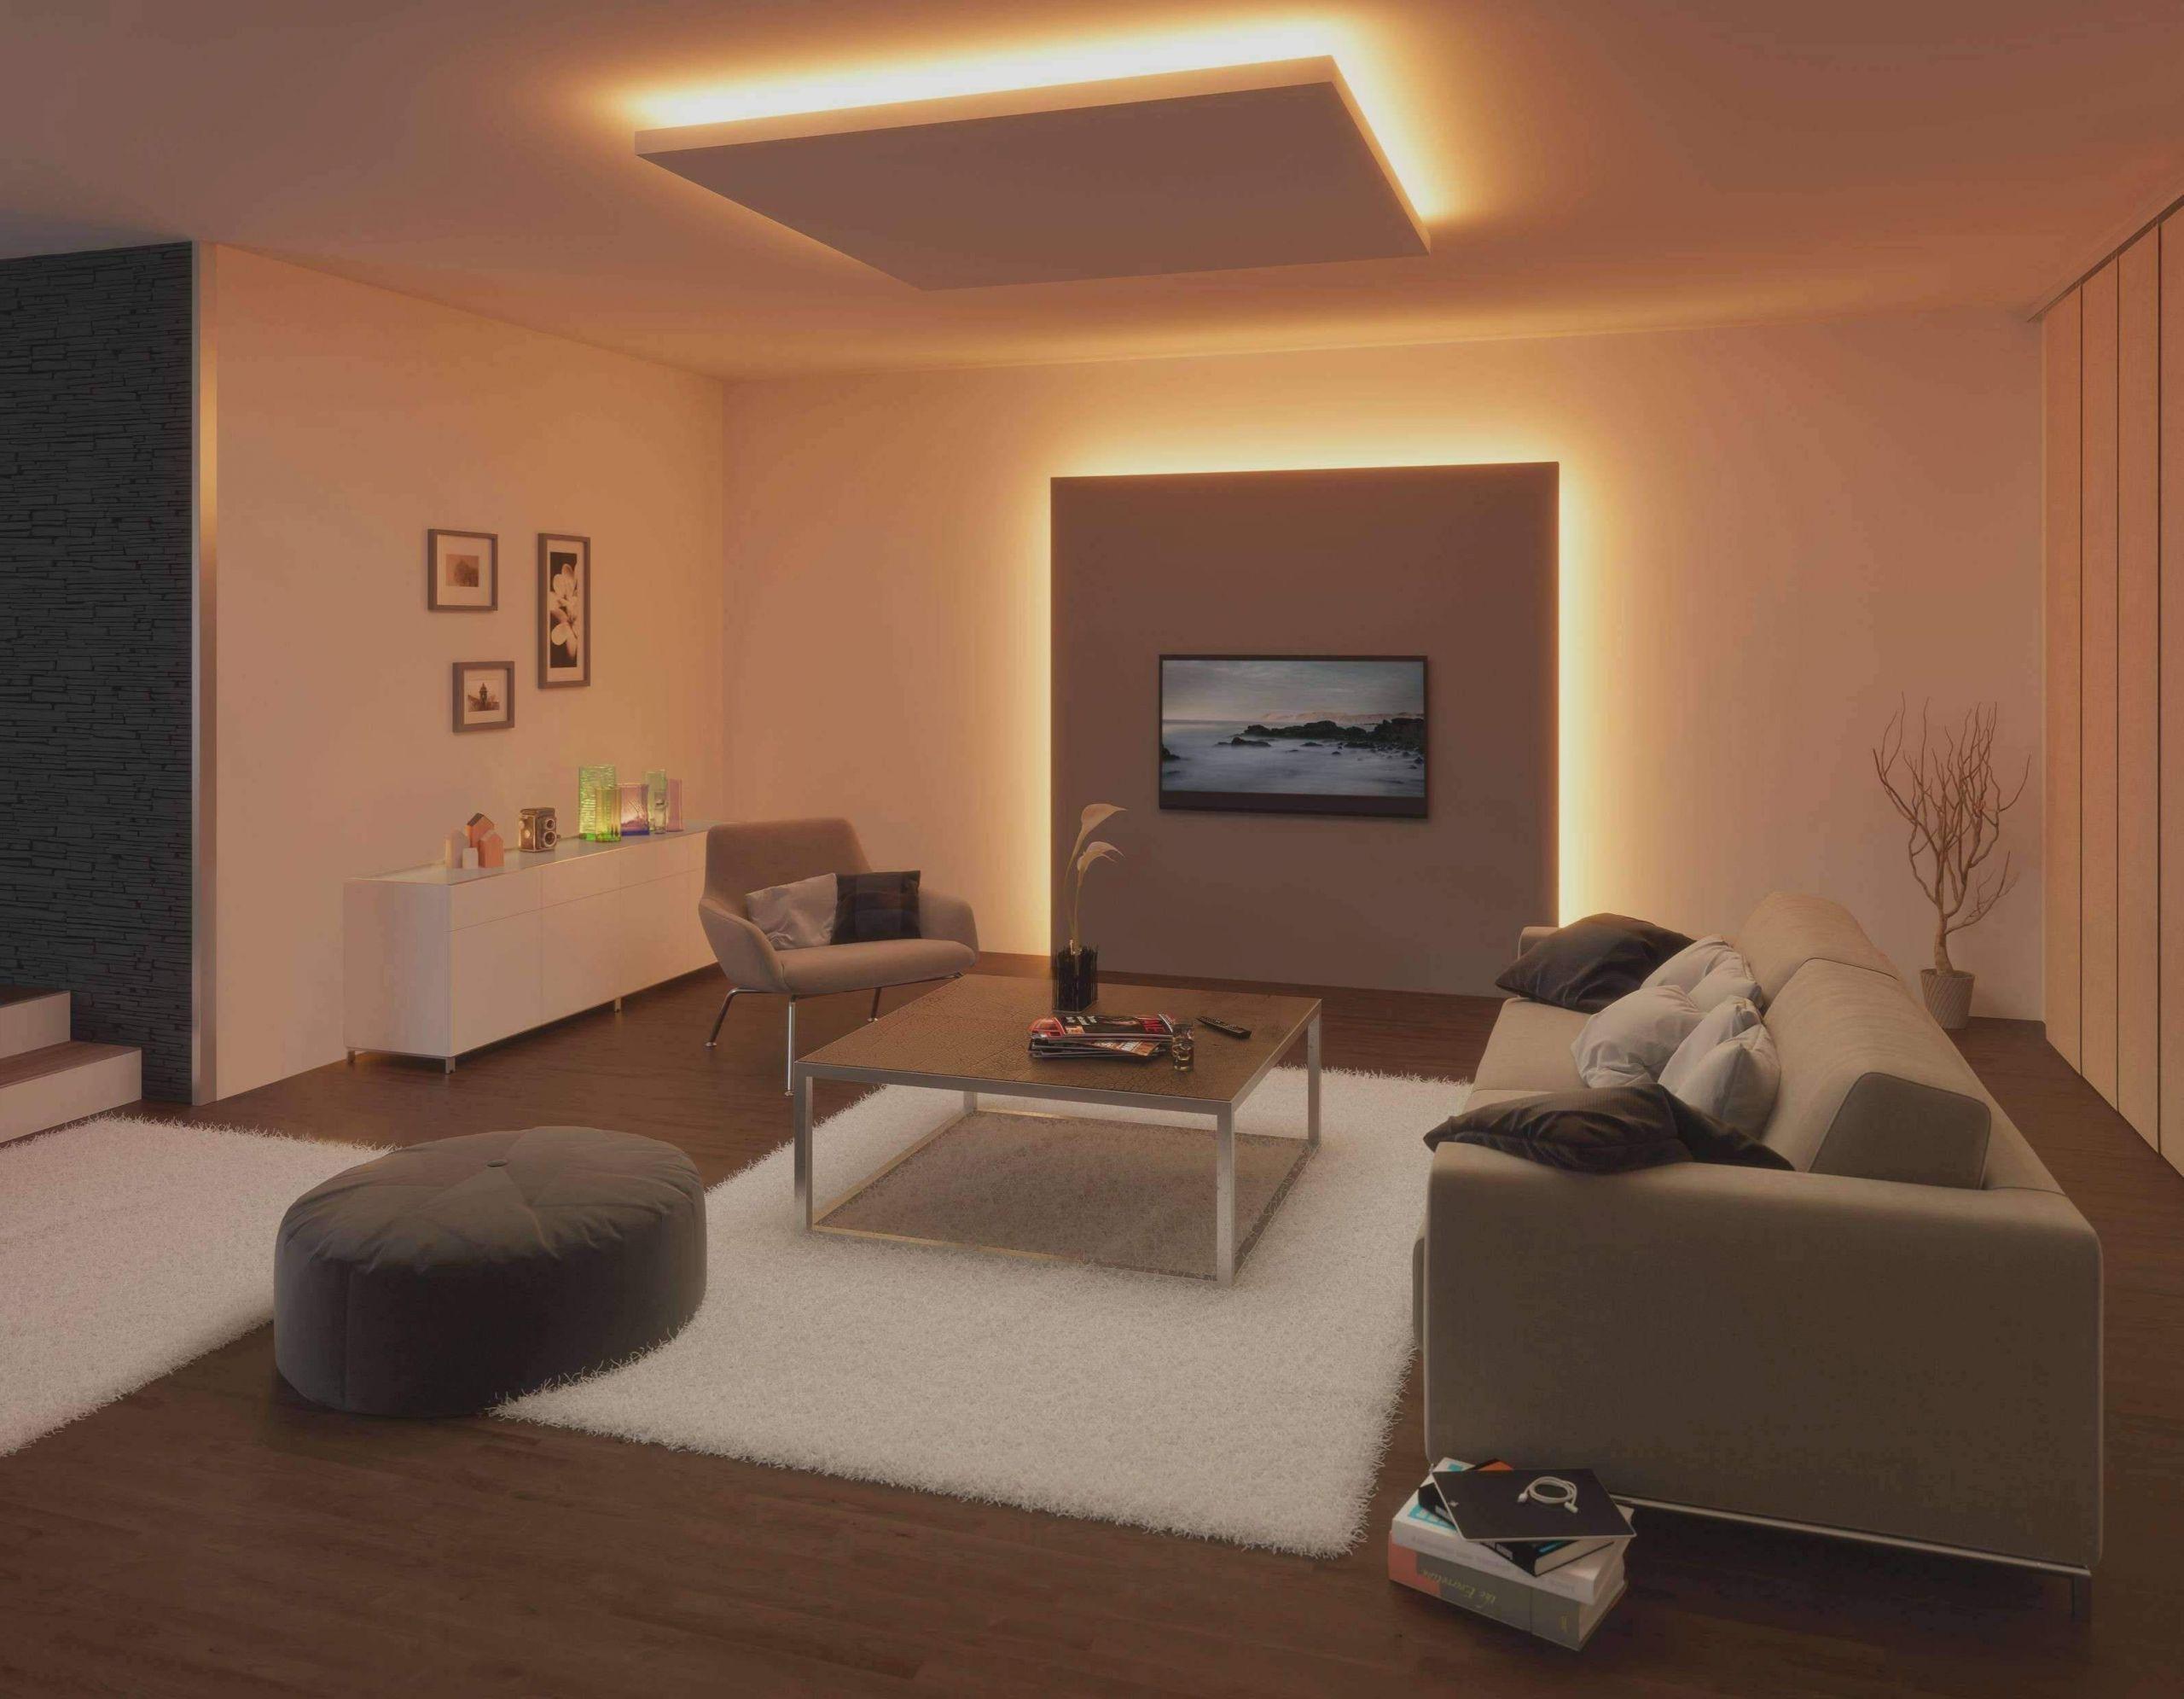 wohnzimmer beleuchtung led schon wohnzimmer licht elegant einzigartig wohnzimmer lampe holz of wohnzimmer beleuchtung led